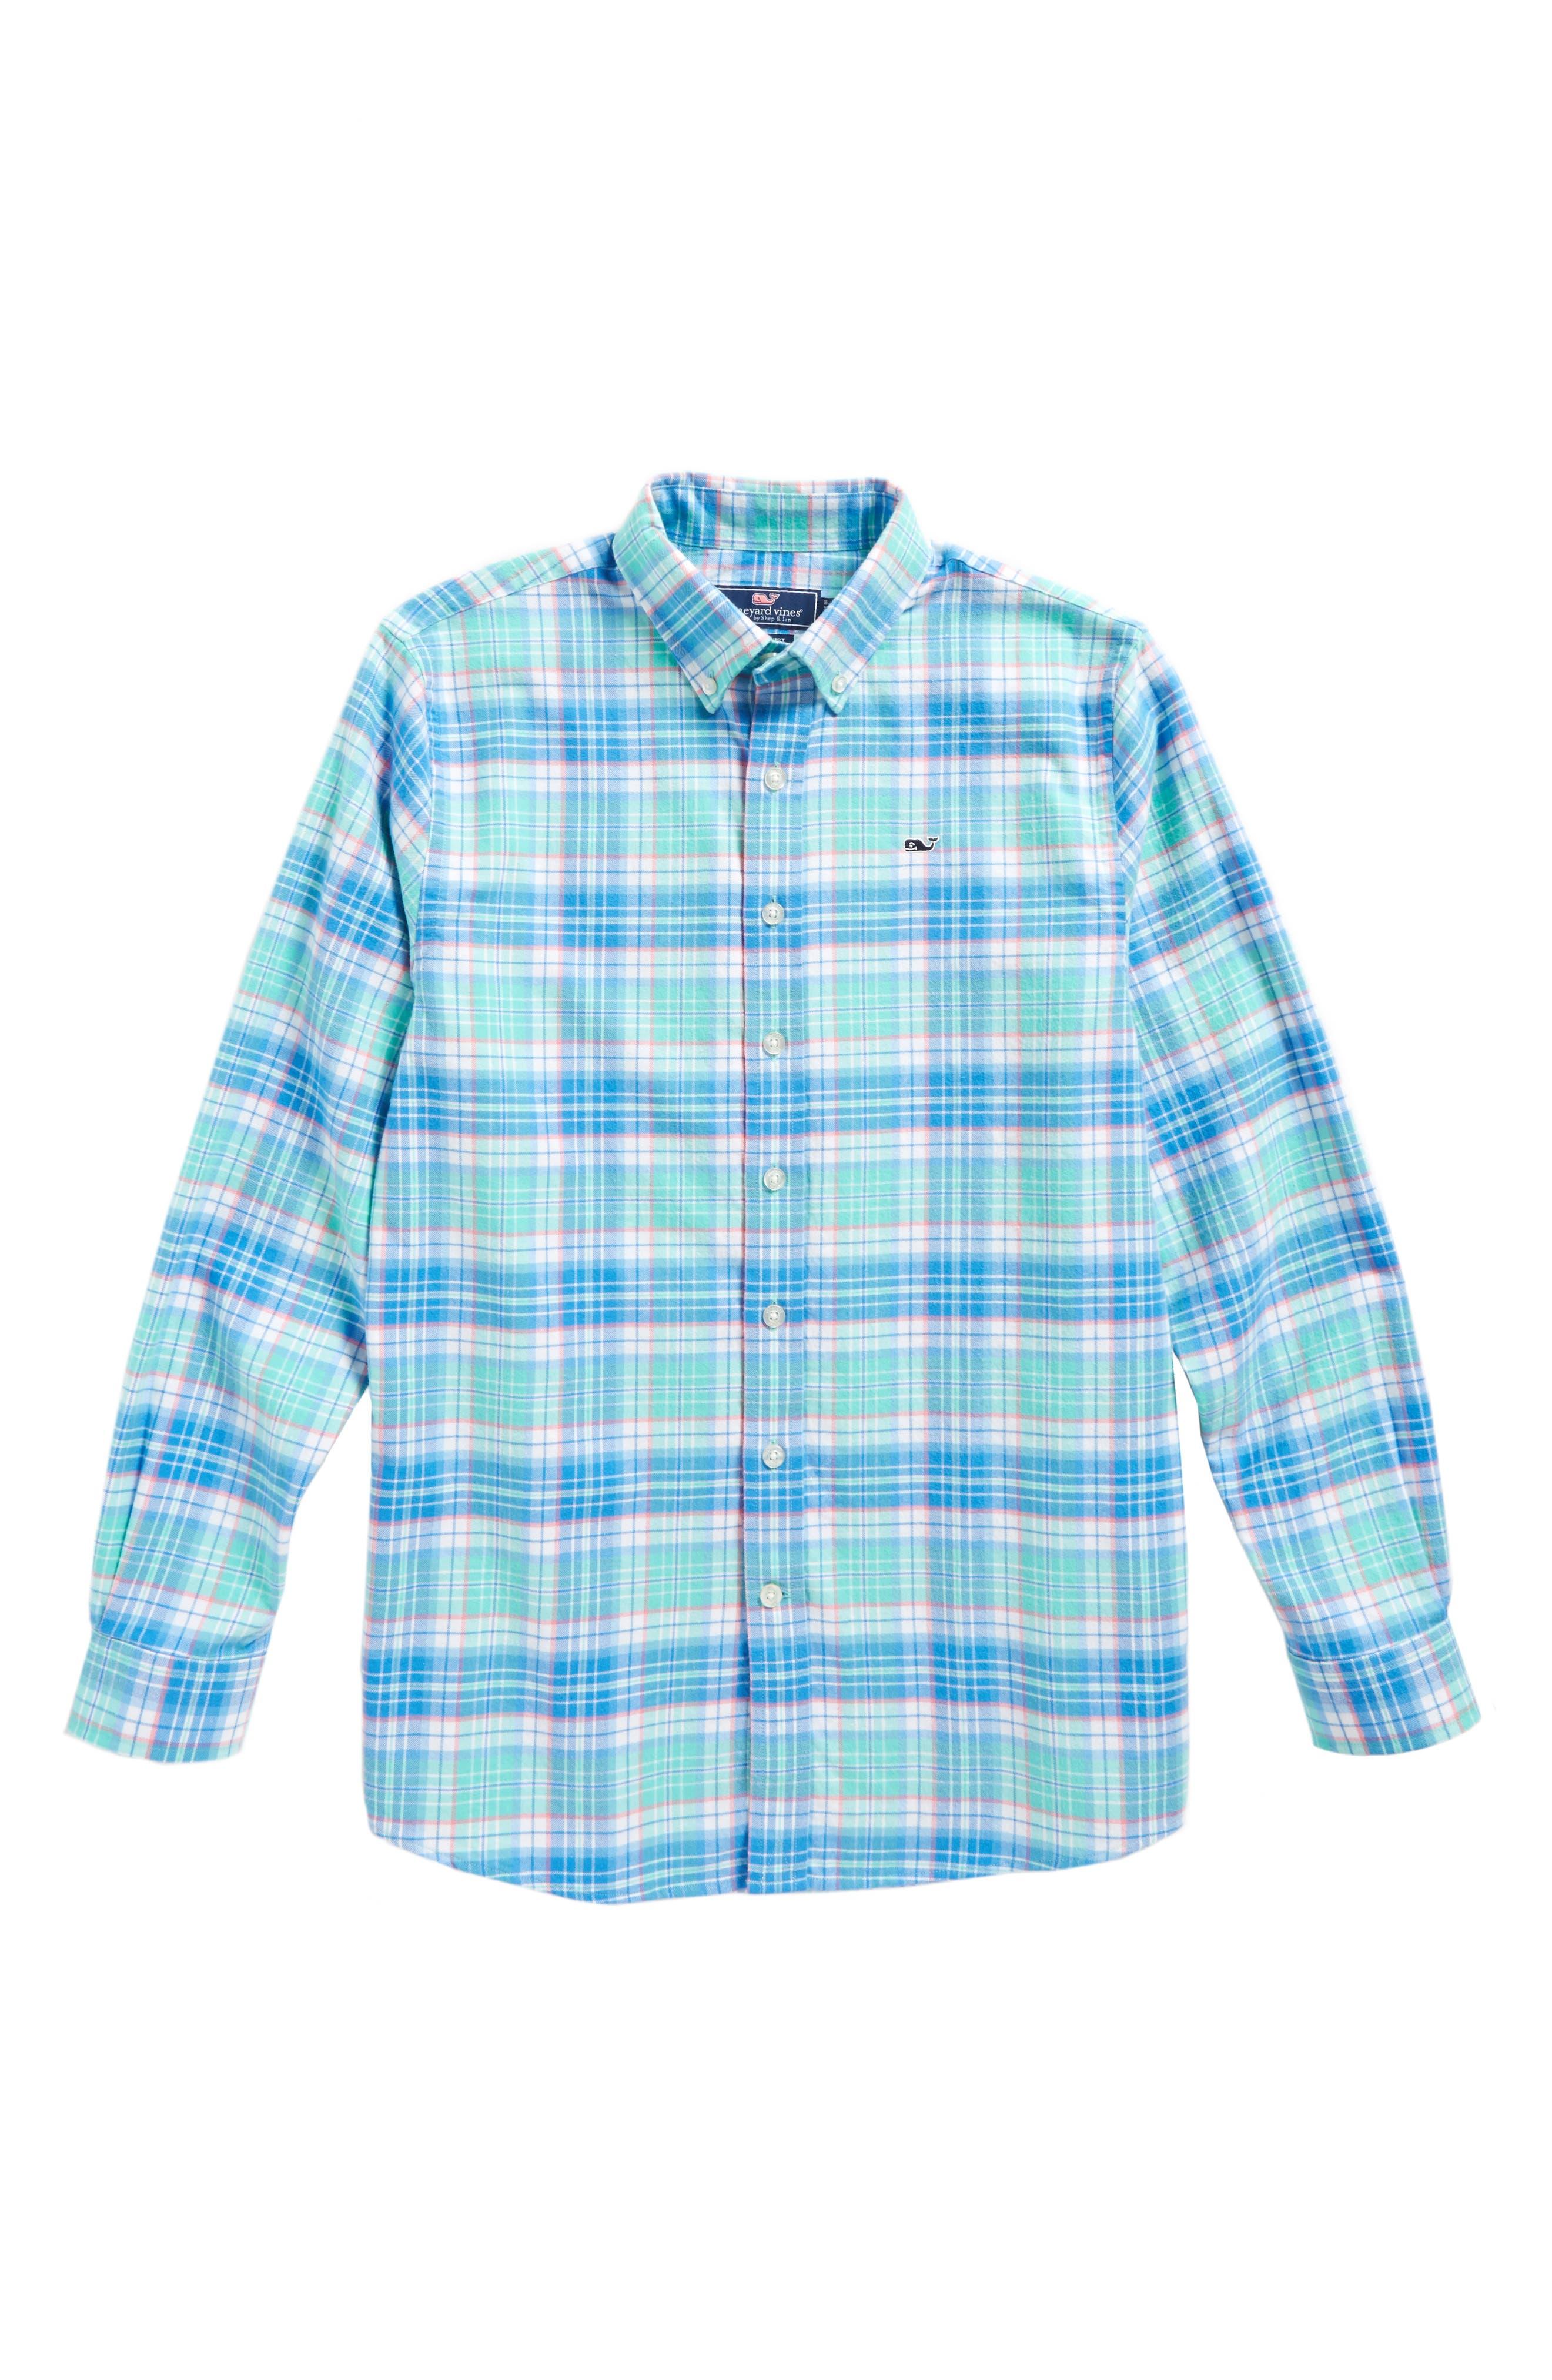 Sandspar Plaid Whale Flannel Shirt,                         Main,                         color, Bahama Breeze